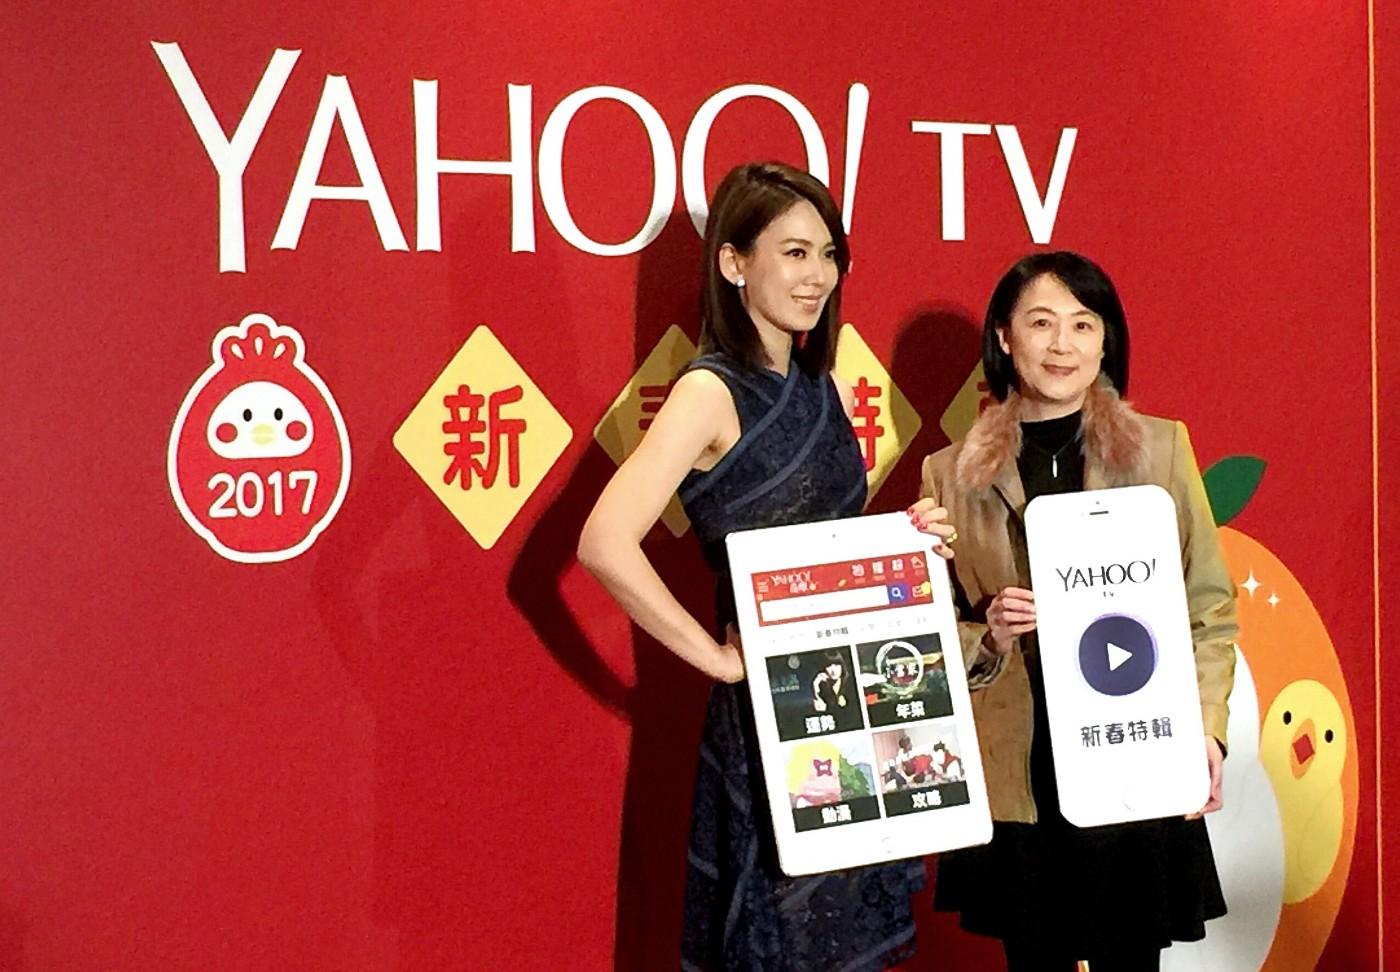 帶動影音年瀏覽量成長三倍!Yahoo TV今年聚焦電競、電商